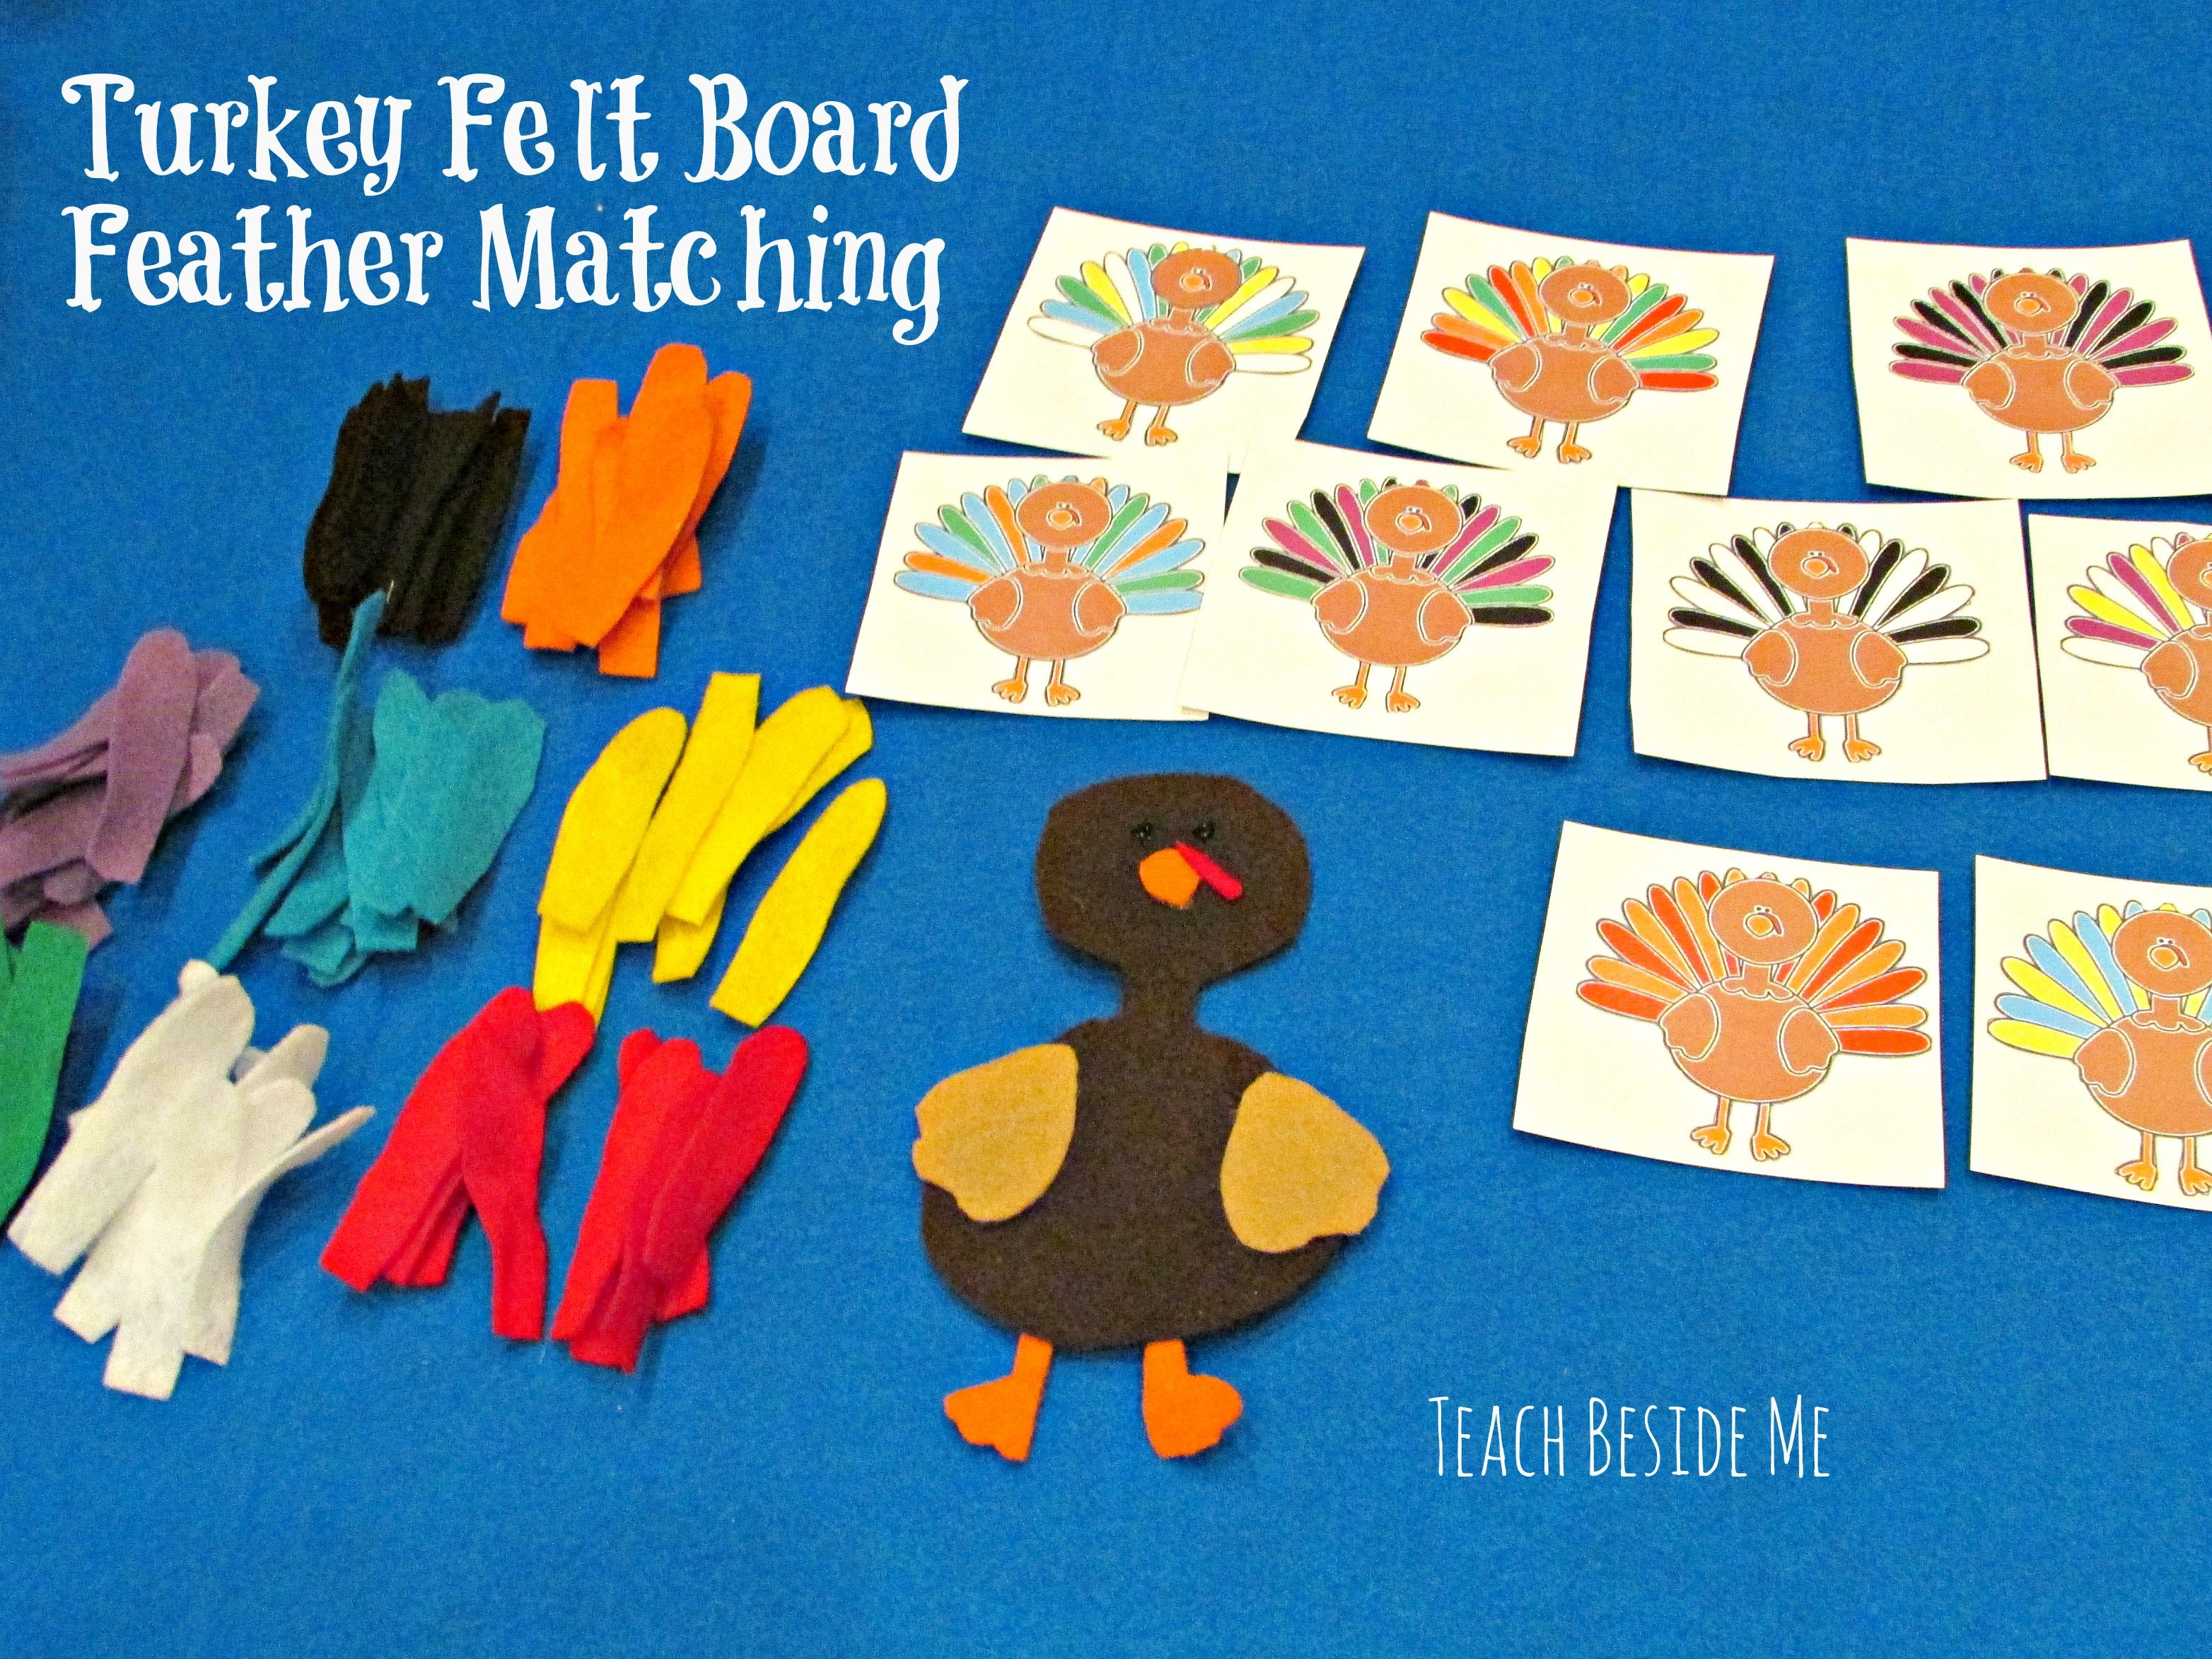 Turkey Felt Board Feather Matching